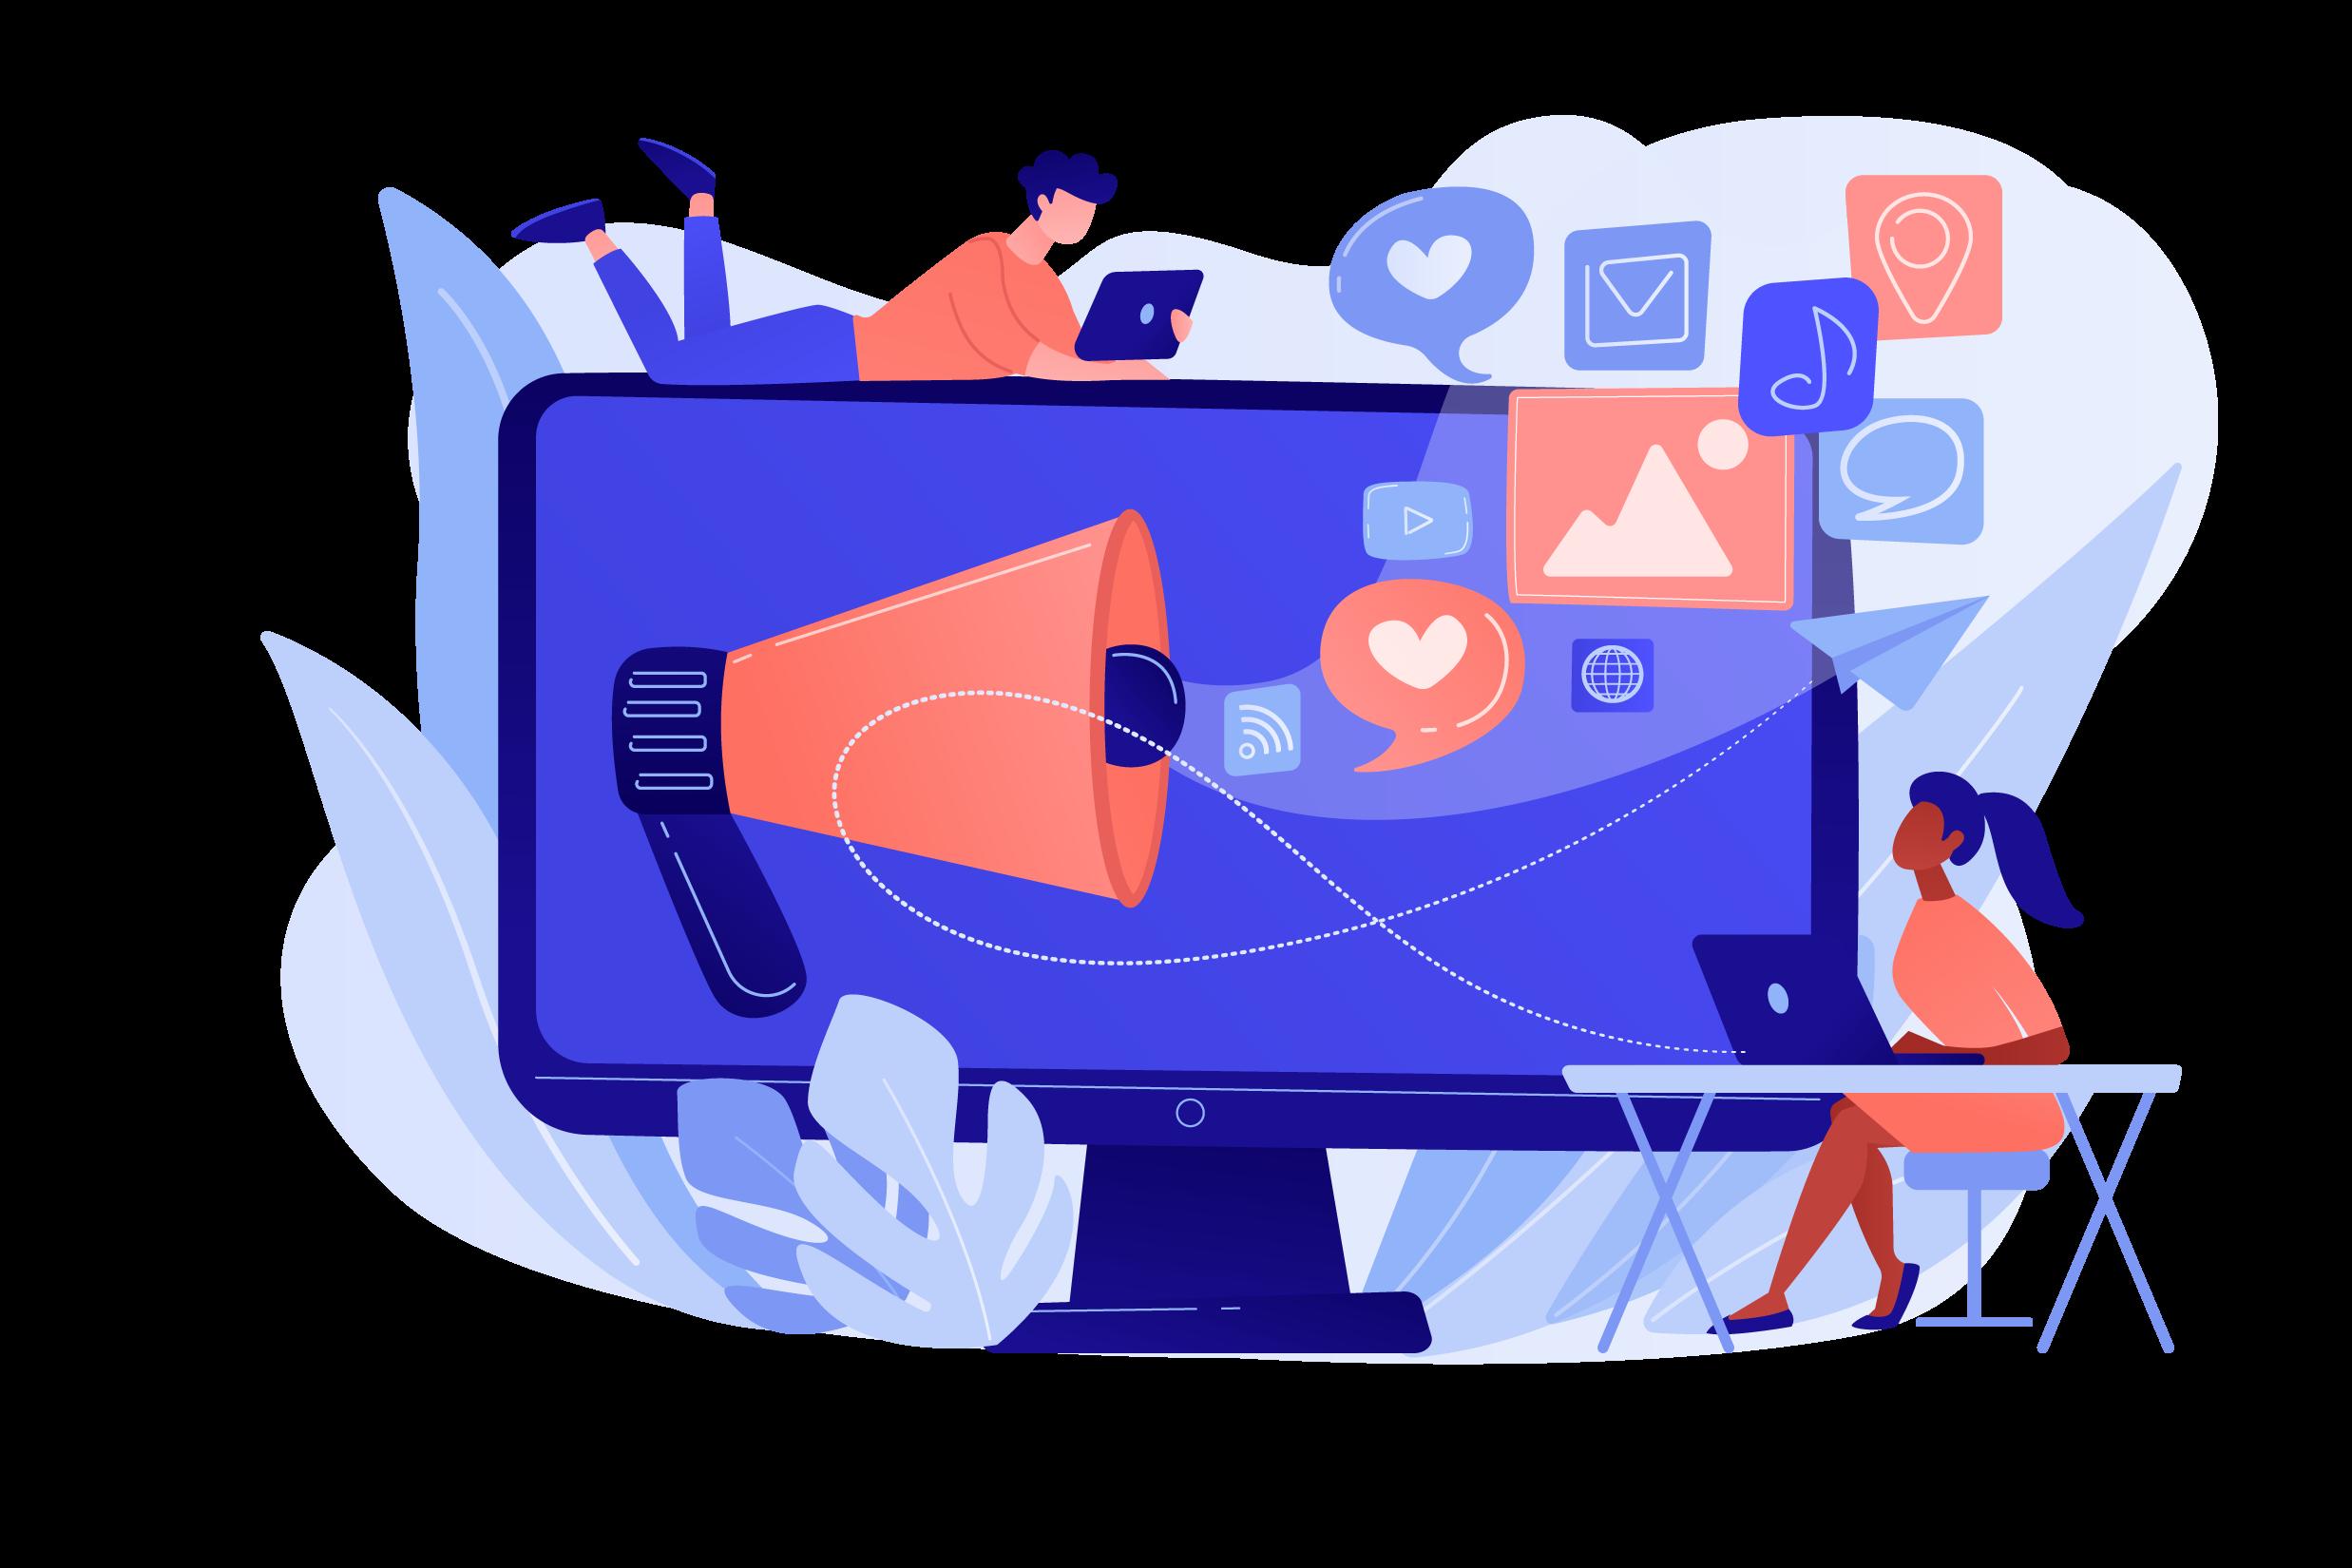 cum sa iti creezi propriul site de prezentare singur, agentie de web design, web design, agentie, website, magazin online, ieftin